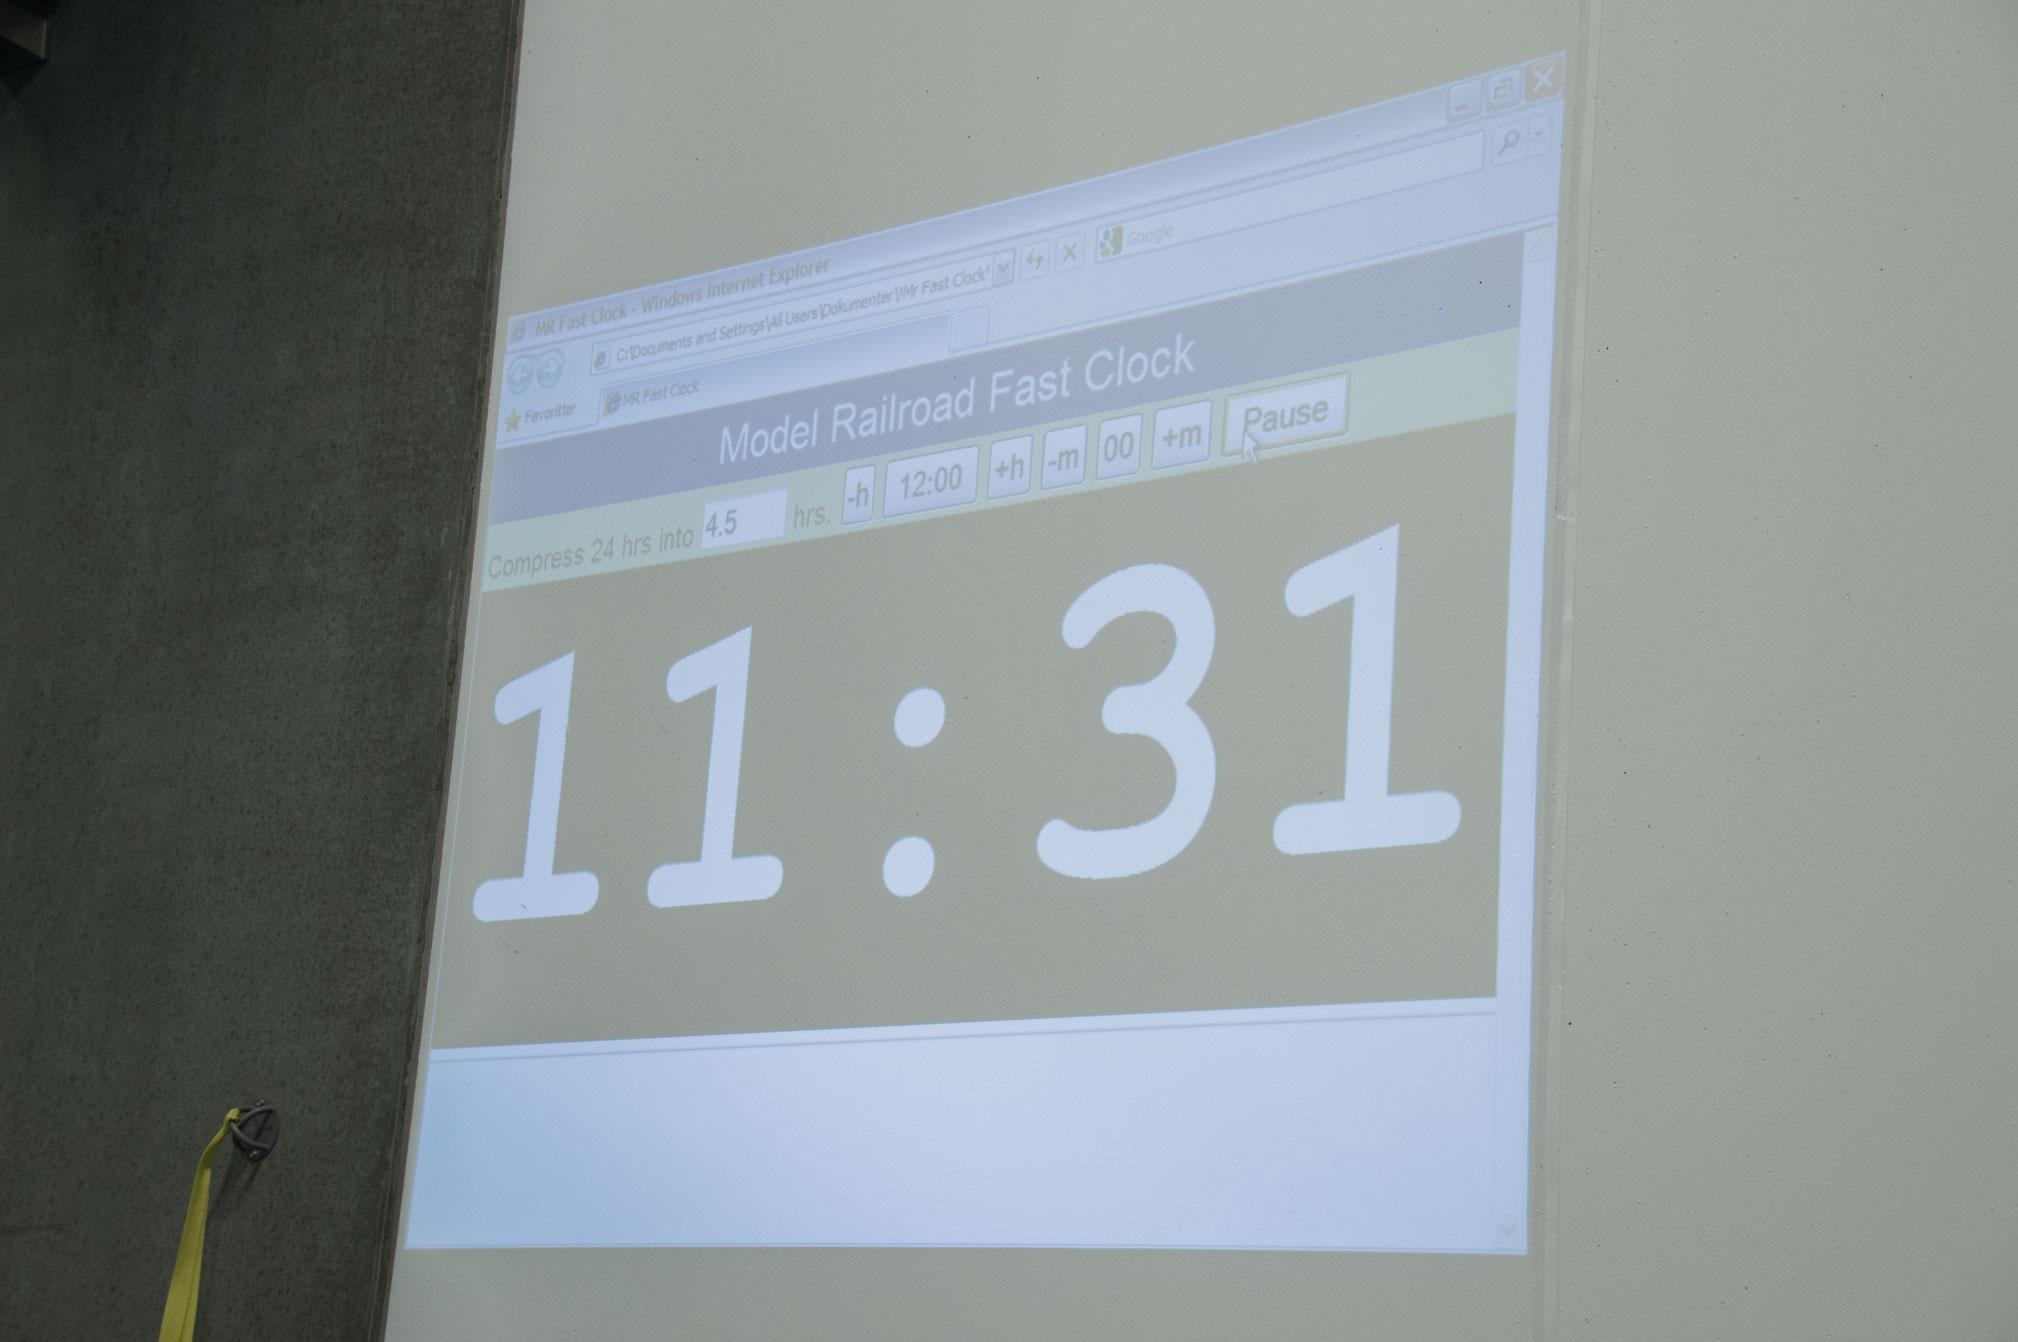 Til køreweekenden brugte vi en projector til at vise modeltiden